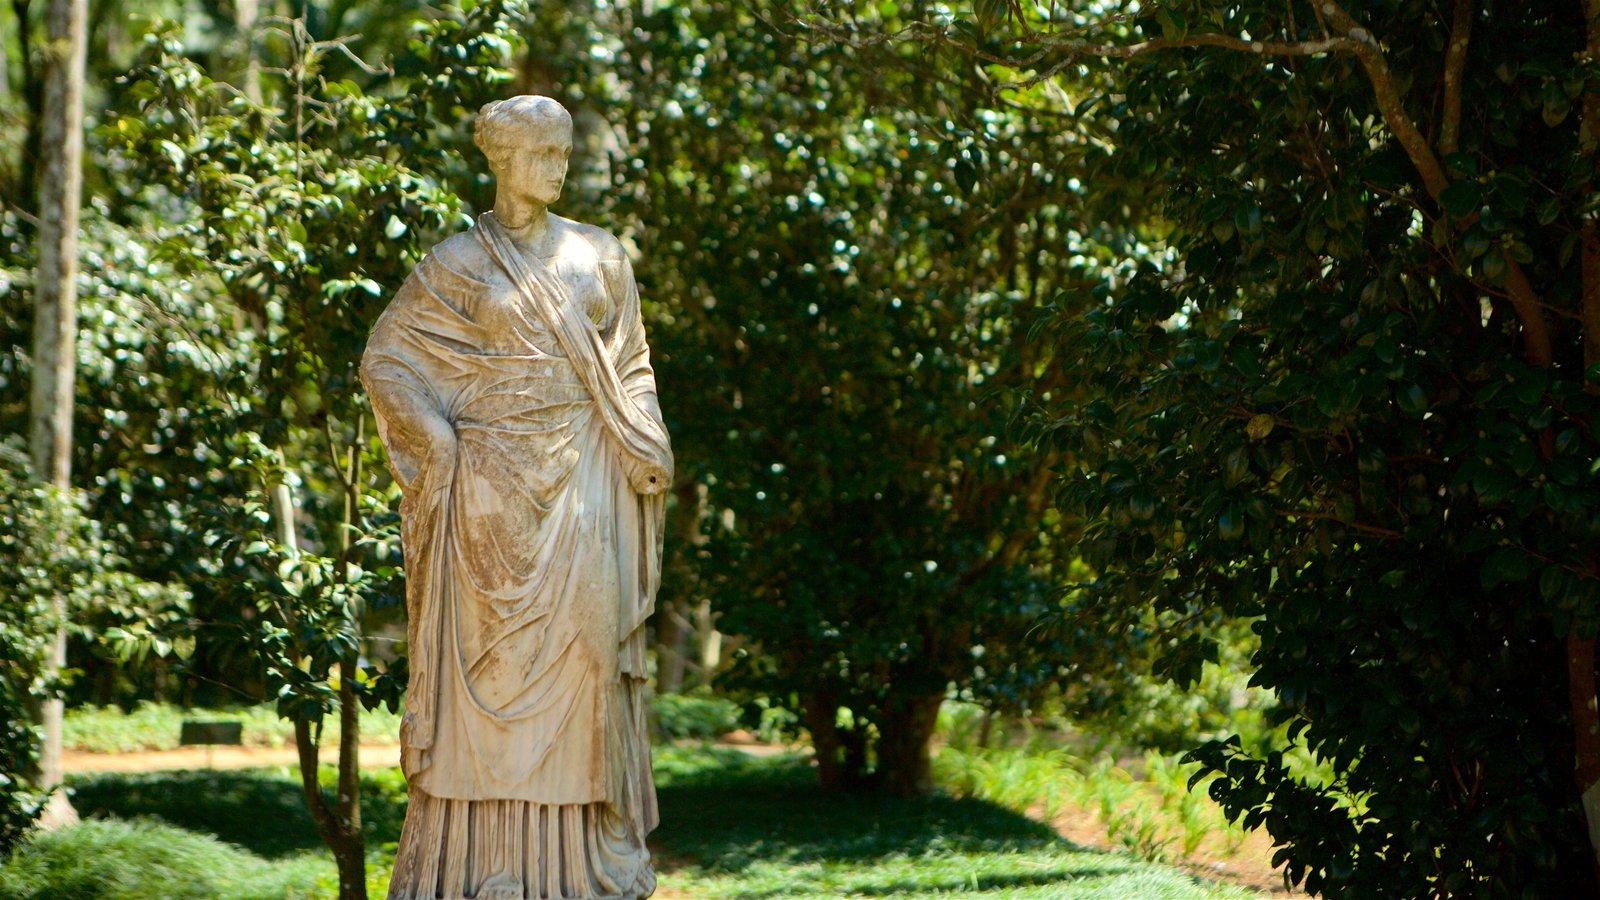 Museu Imperial que inclui uma estátua ou escultura e um parque